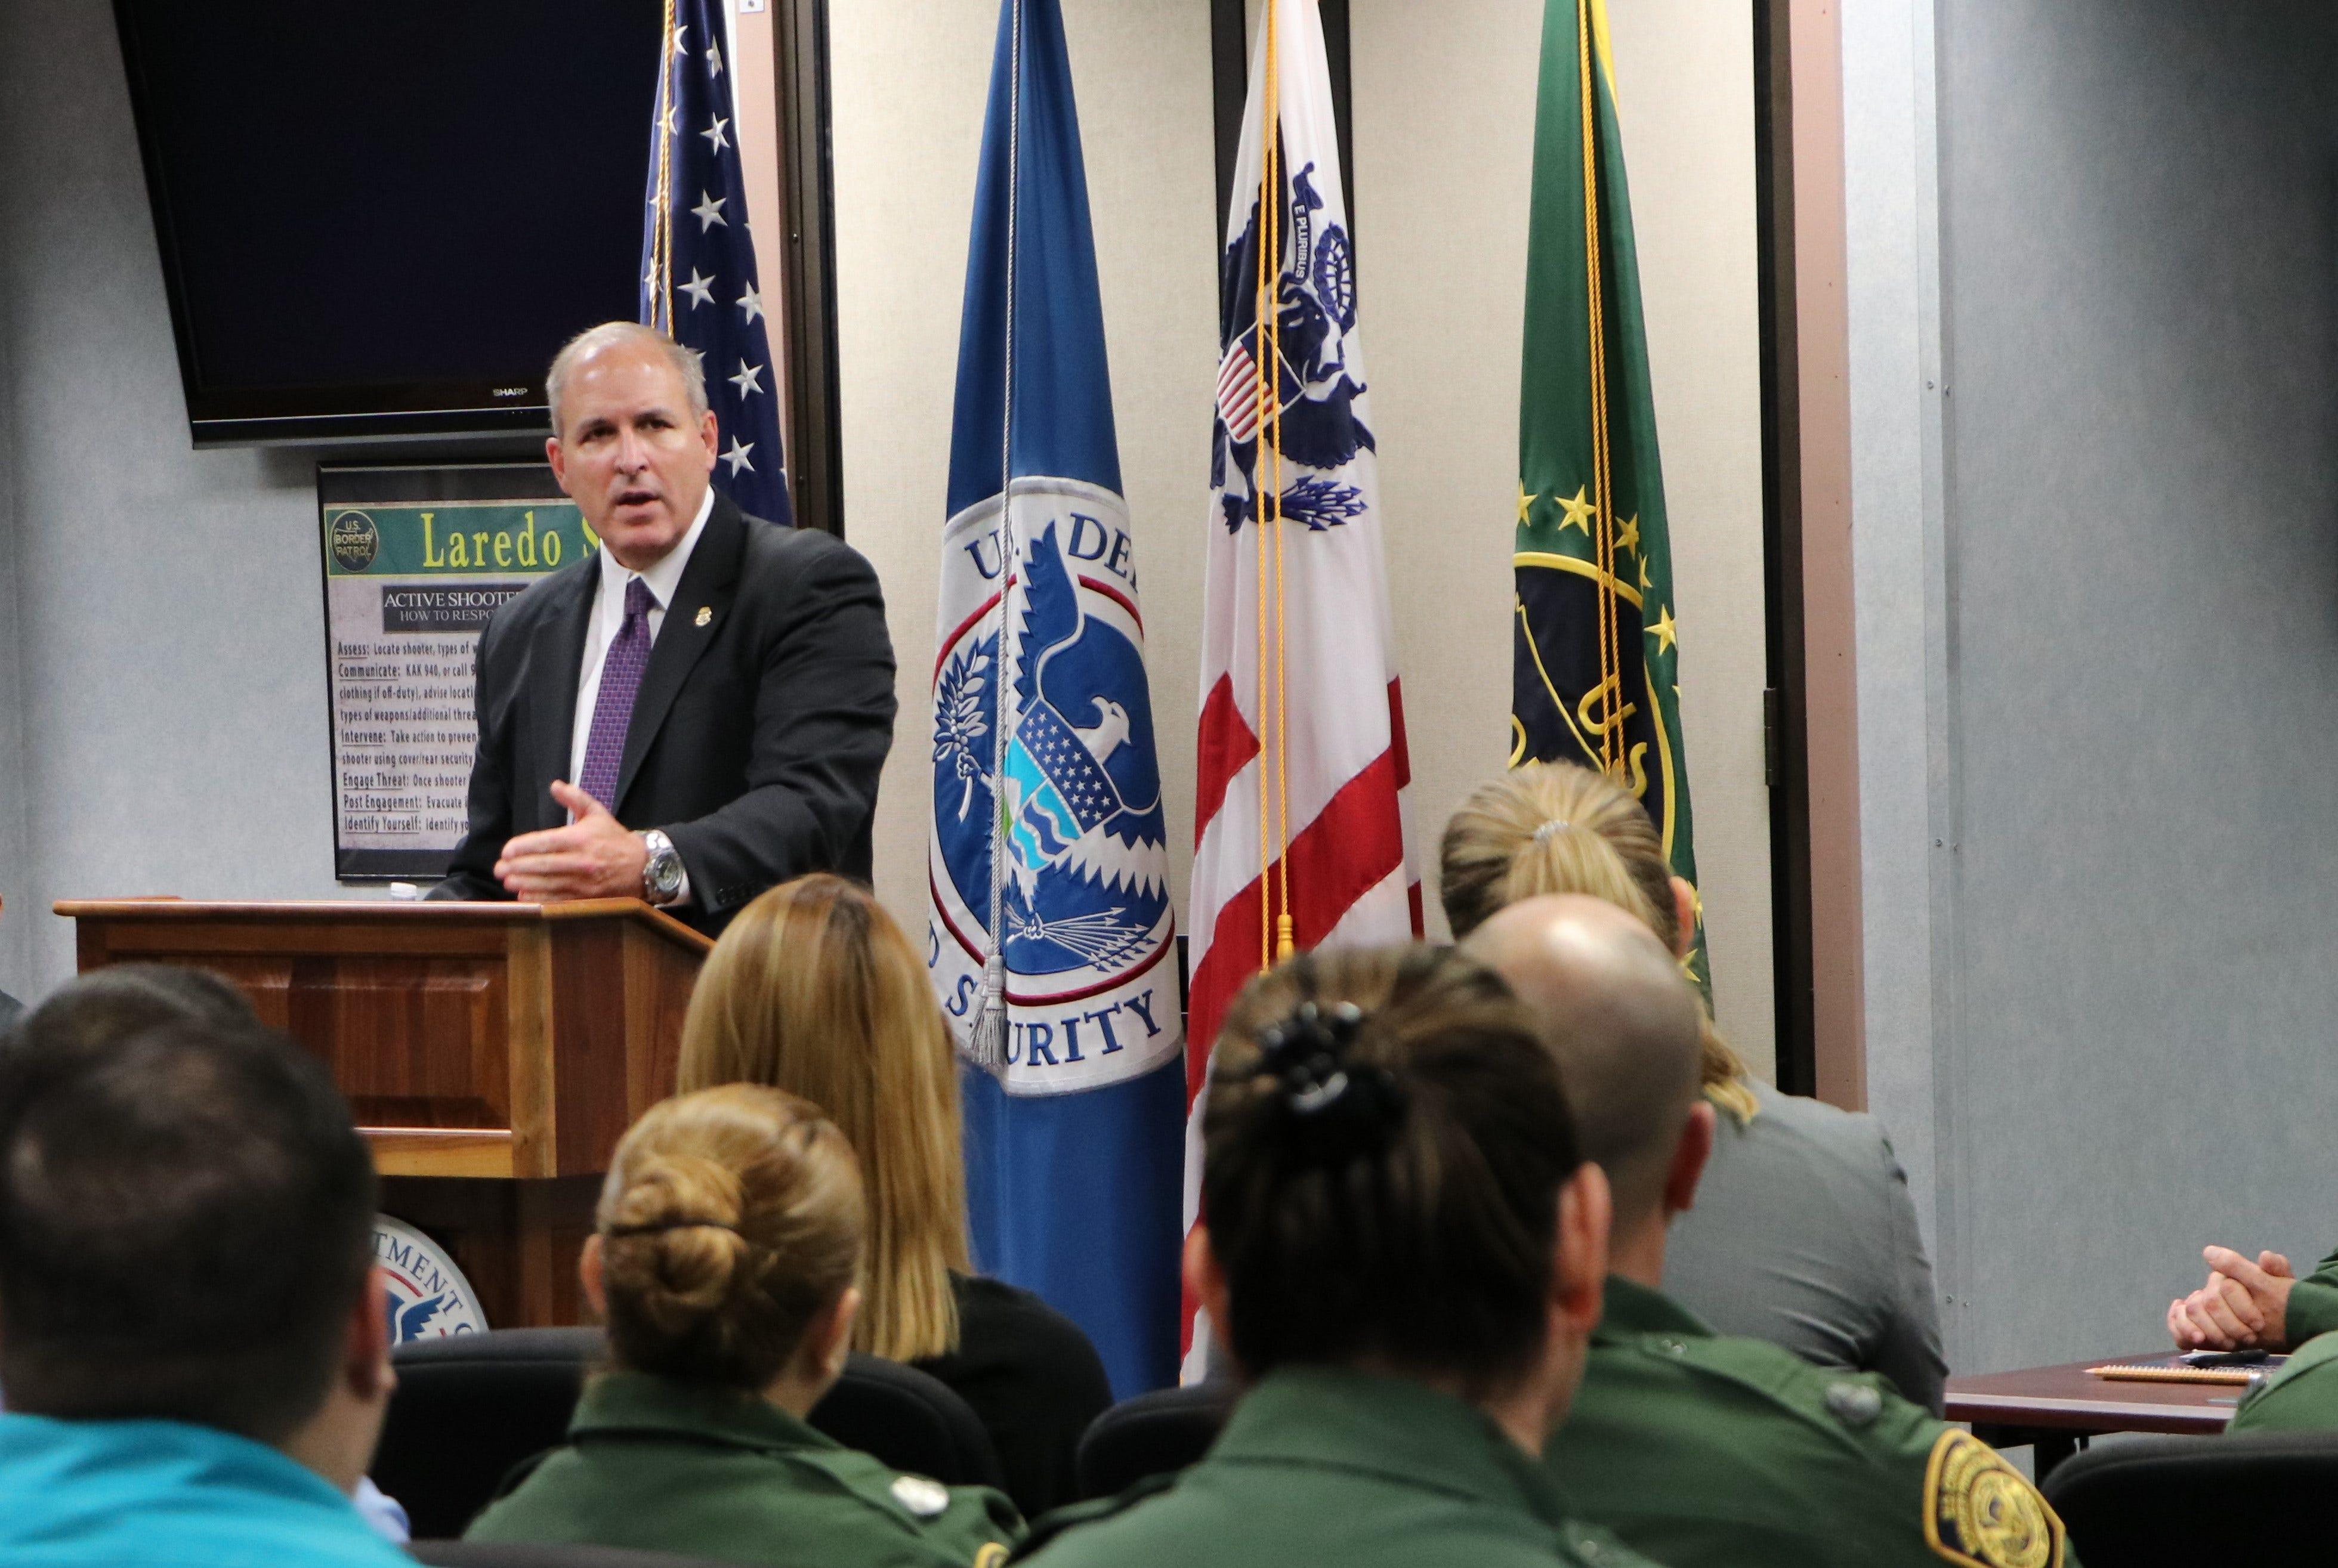 CBP-Chef rips in 'reckless' Gesetzgeber für Angriffe auf die Grenze Agenten, warnt es schadet der Moral